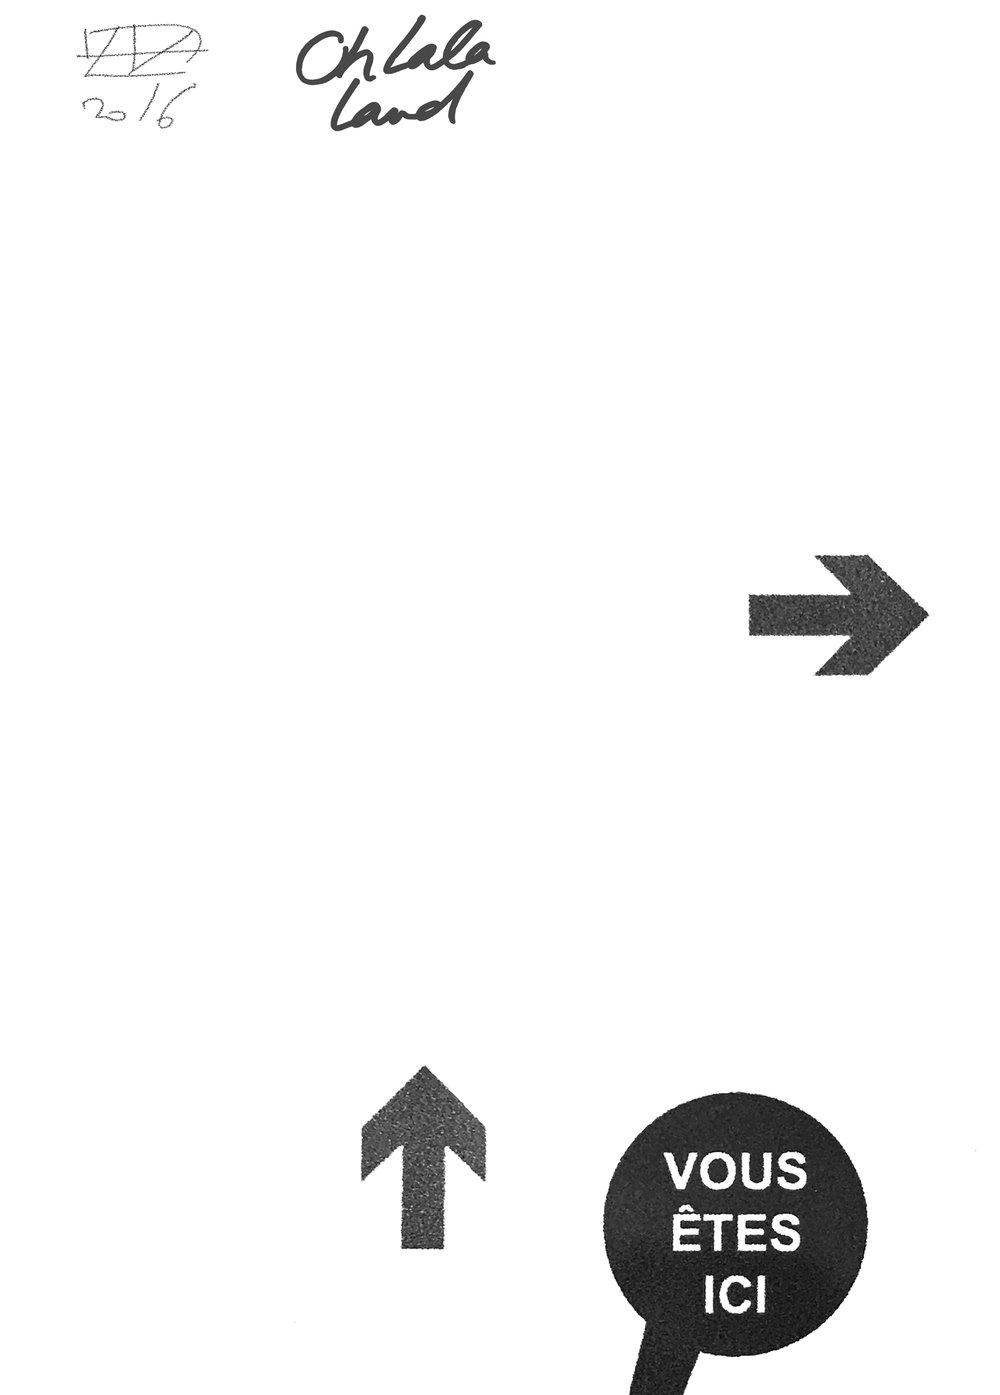 FRANCOIS_MANGEOL1.jpg